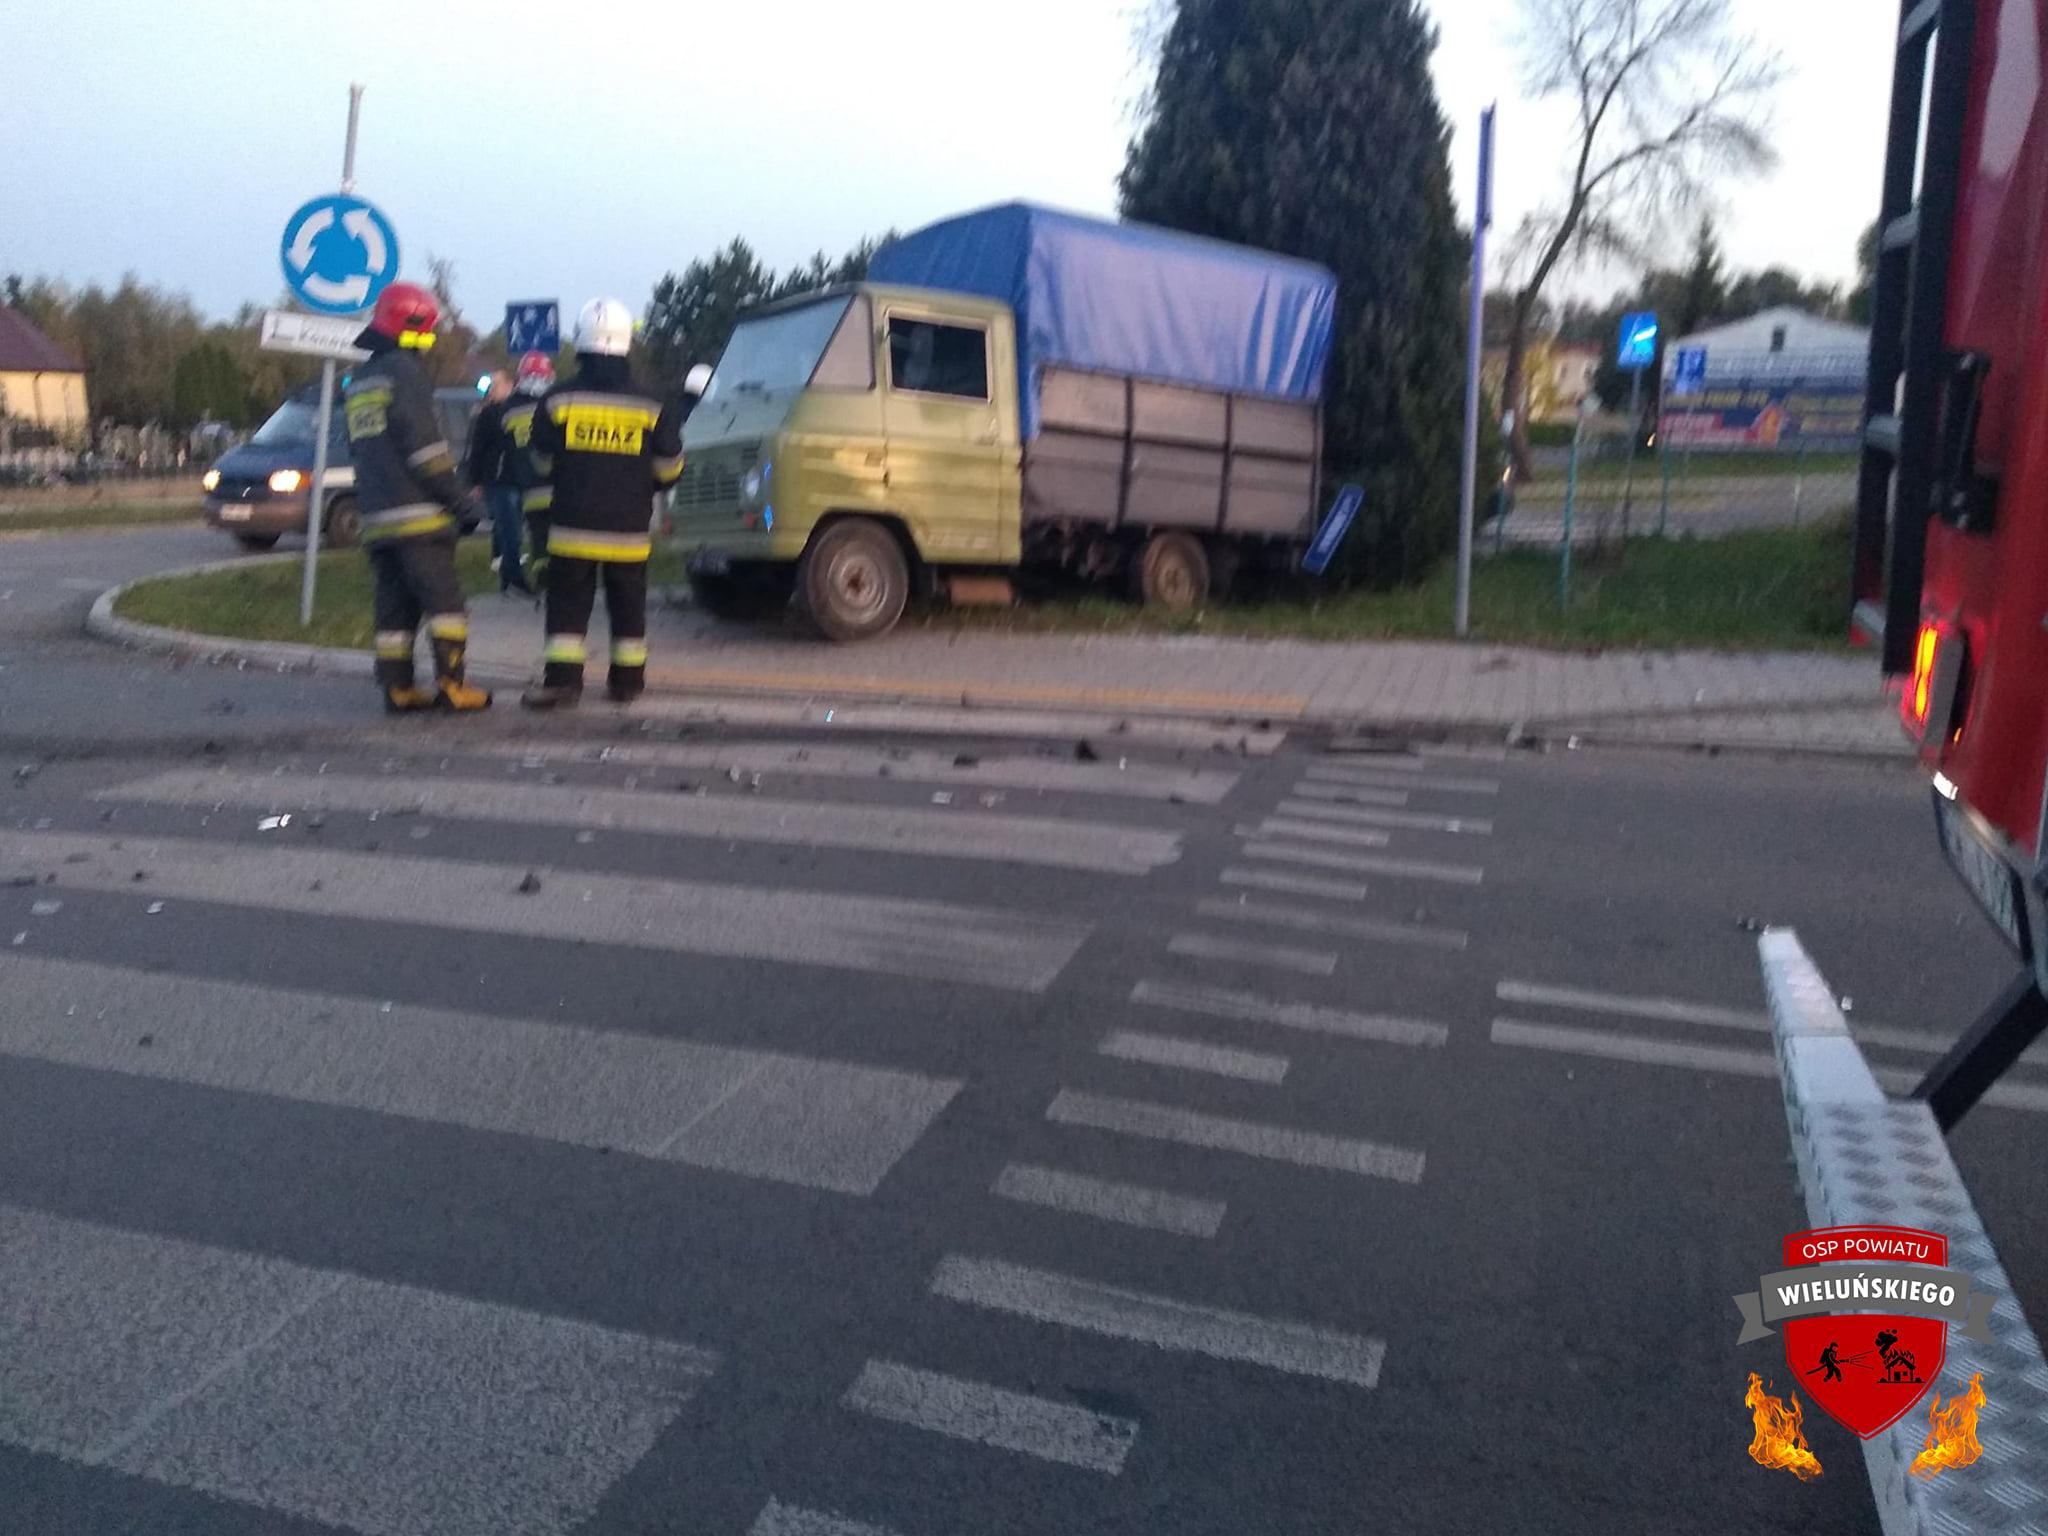 ALARM1800 06.10.2019 Wypadek drogowy zudzialem dwoch samochodow Konopnica.xx&oh=af457fd5b44eb79f9f07563ab9f9faa9&oe=5E929478 - ALARM18:00 06.10.2019  Wypadek drogowy zudziałem dwóch samochodów  Konopnica   ...